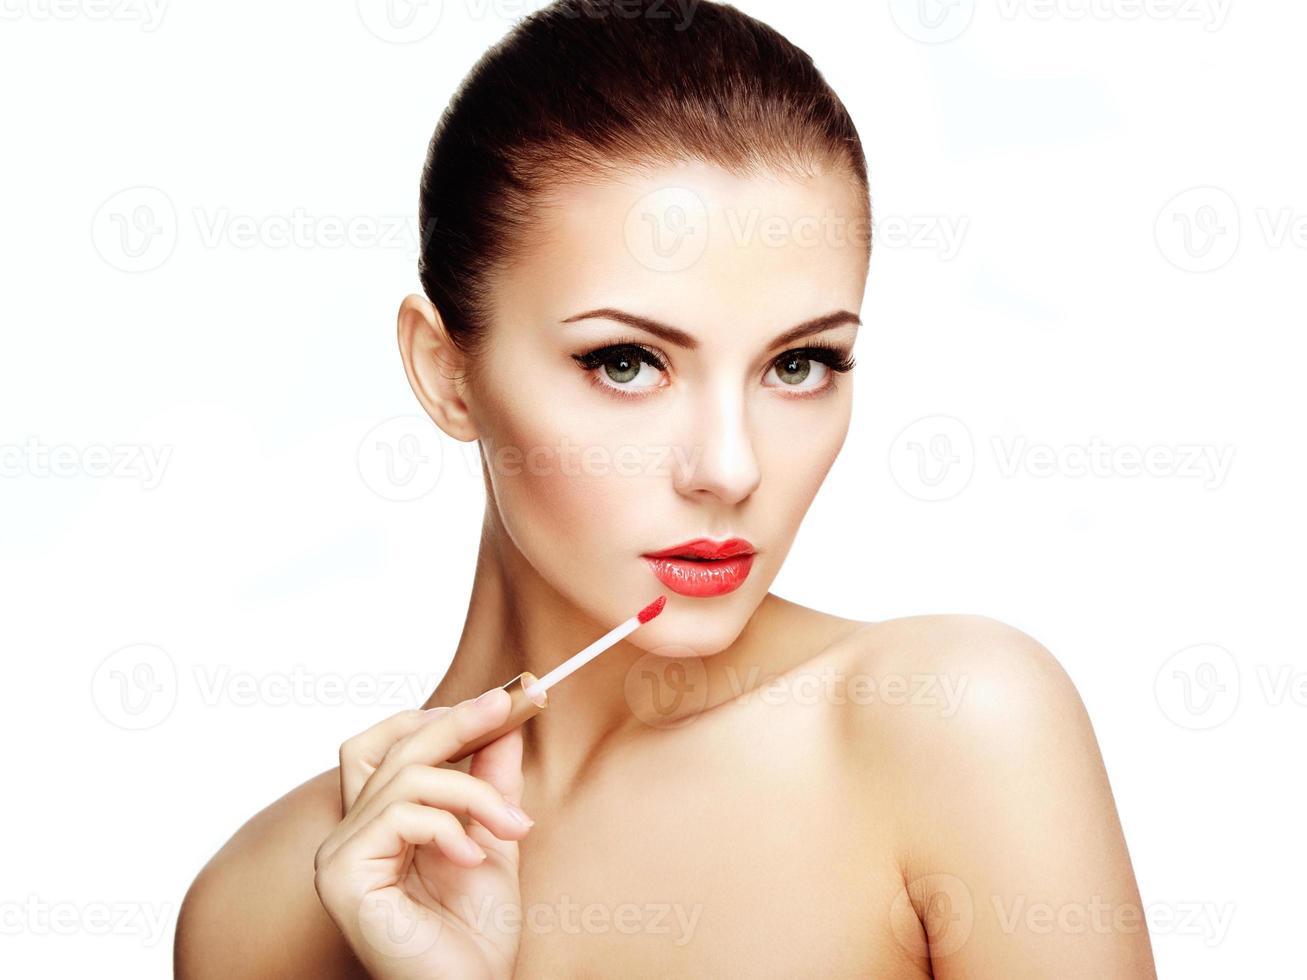 belle jeune femme peint les lèvres avec du rouge à lèvres. maquillage parfait photo